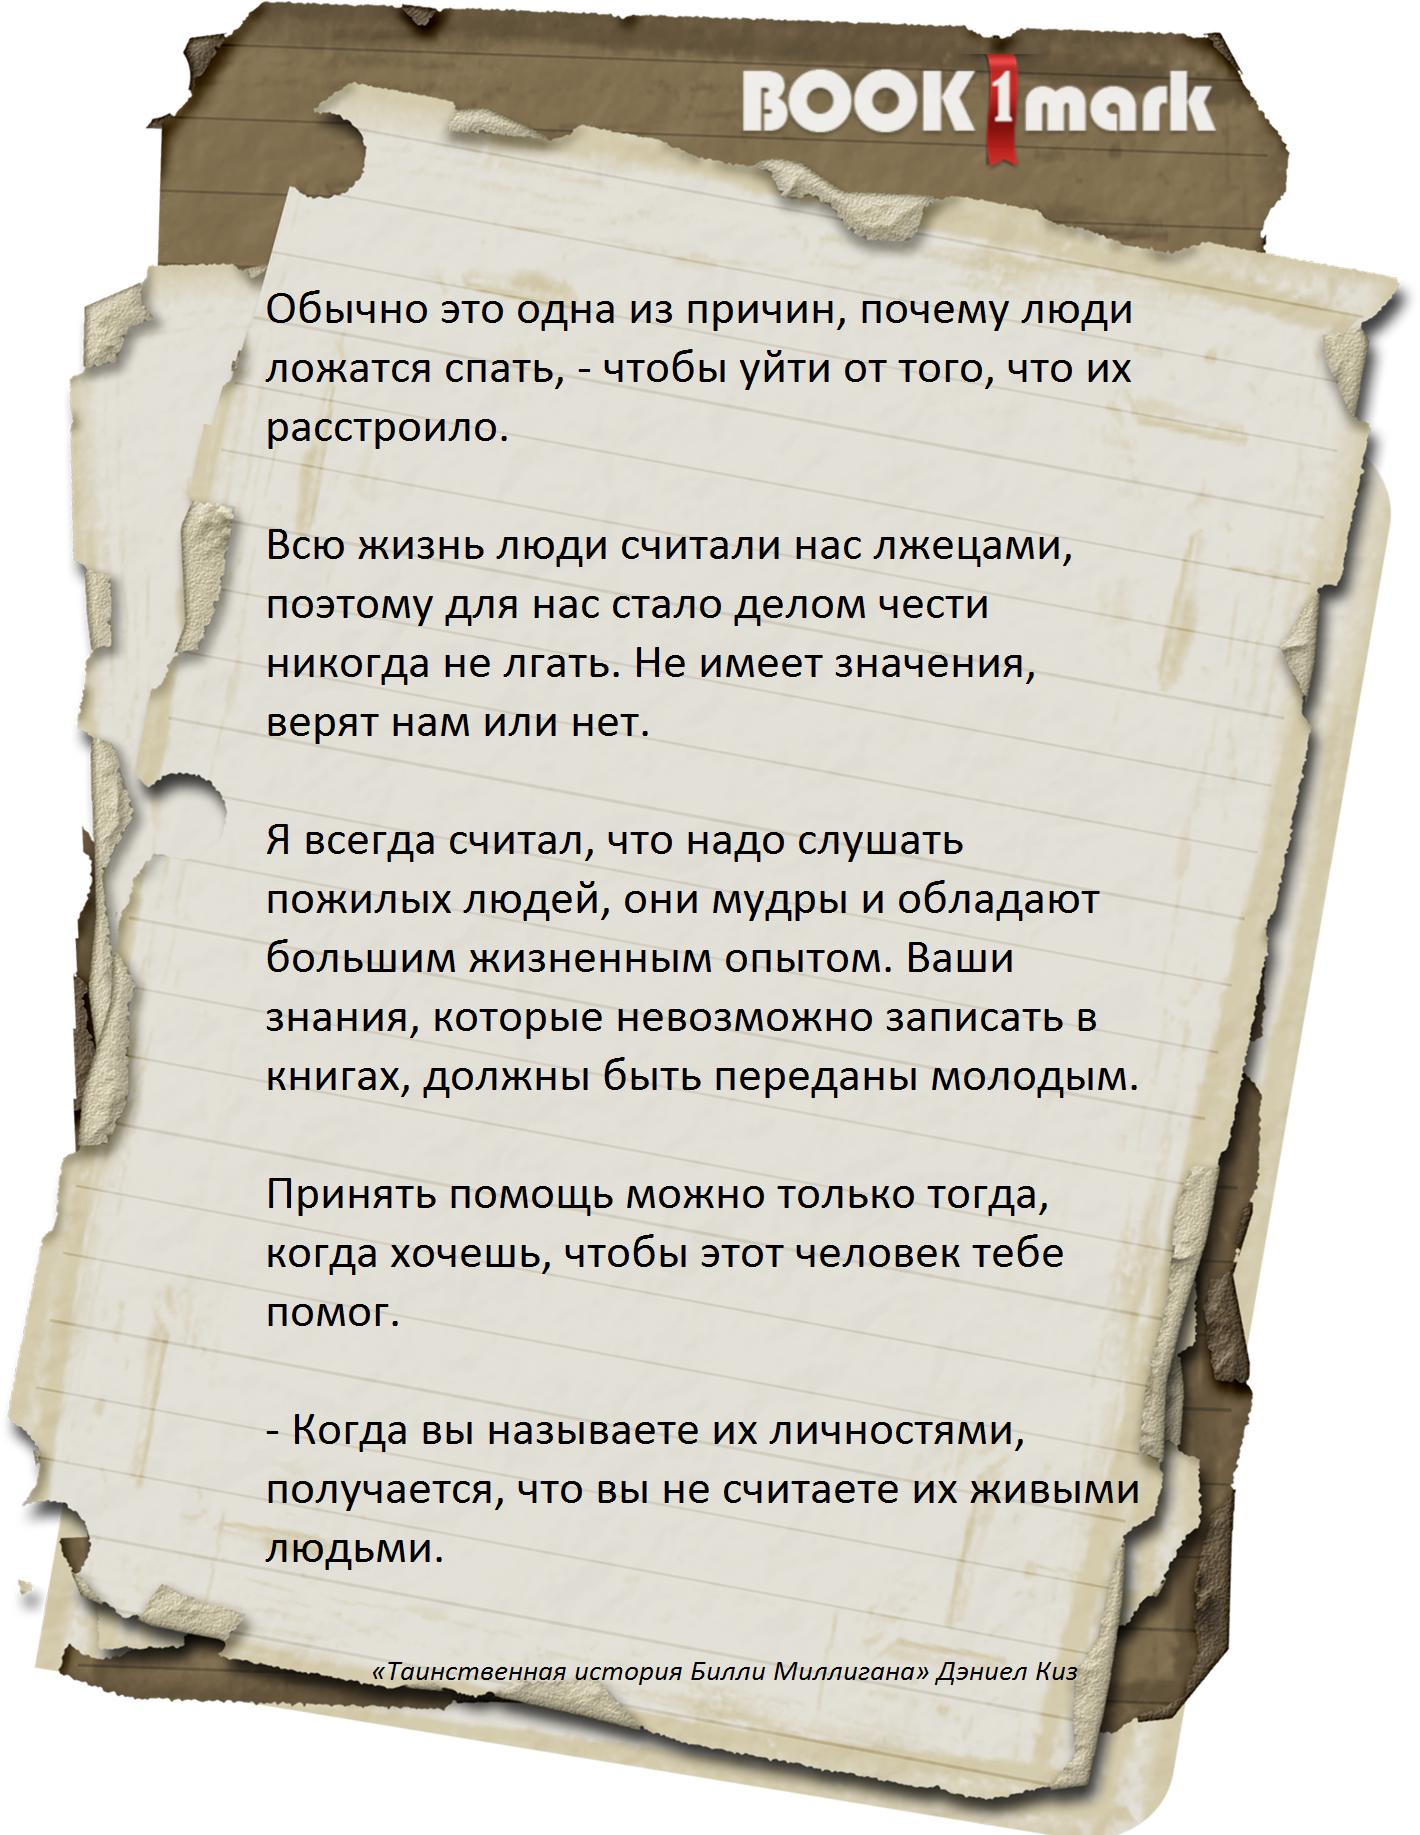 Билли миллиган цитаты из книги